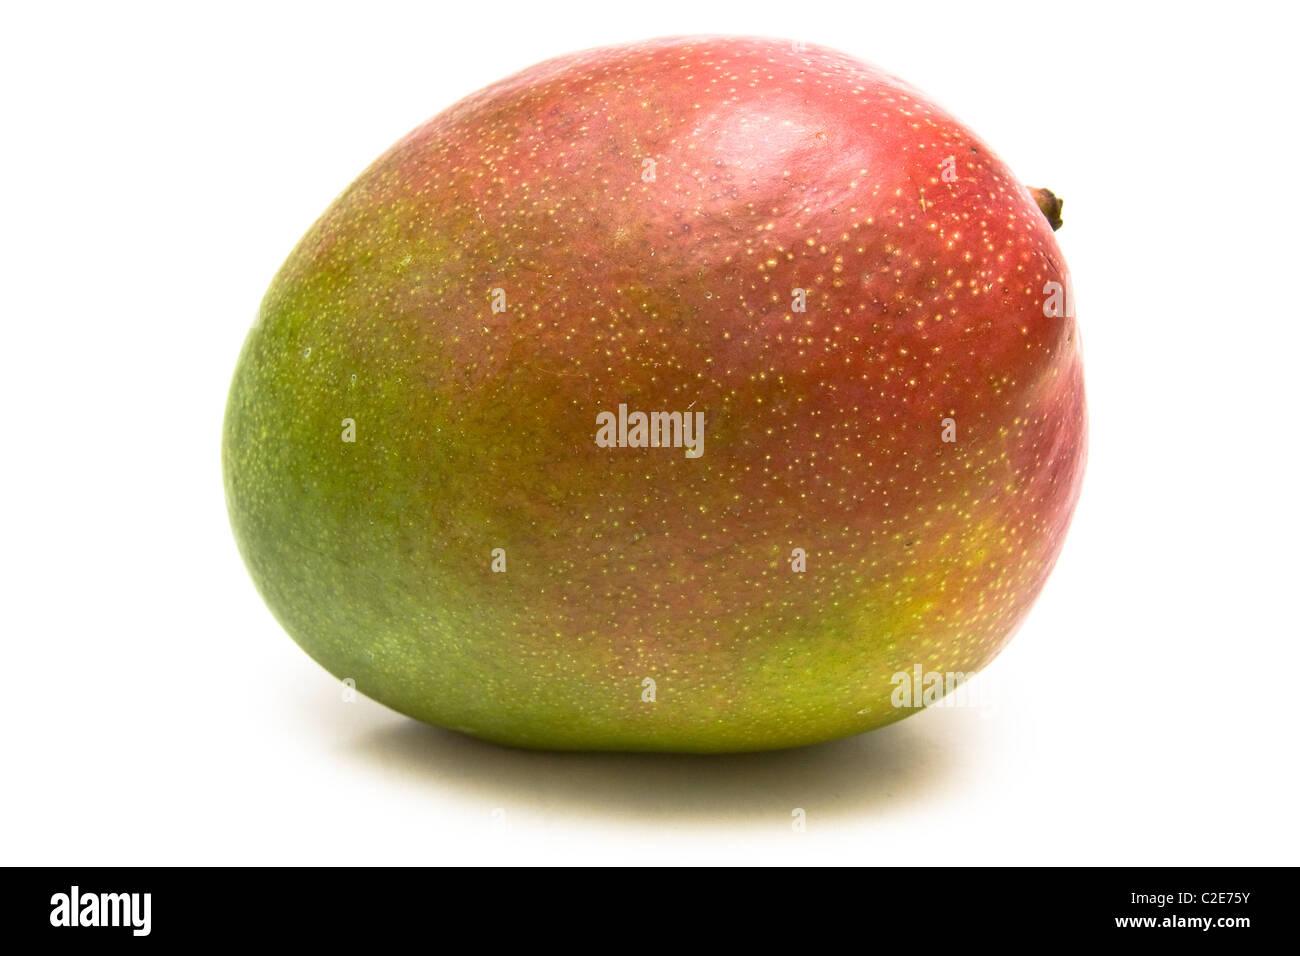 Mango isolated over white background - Stock Image